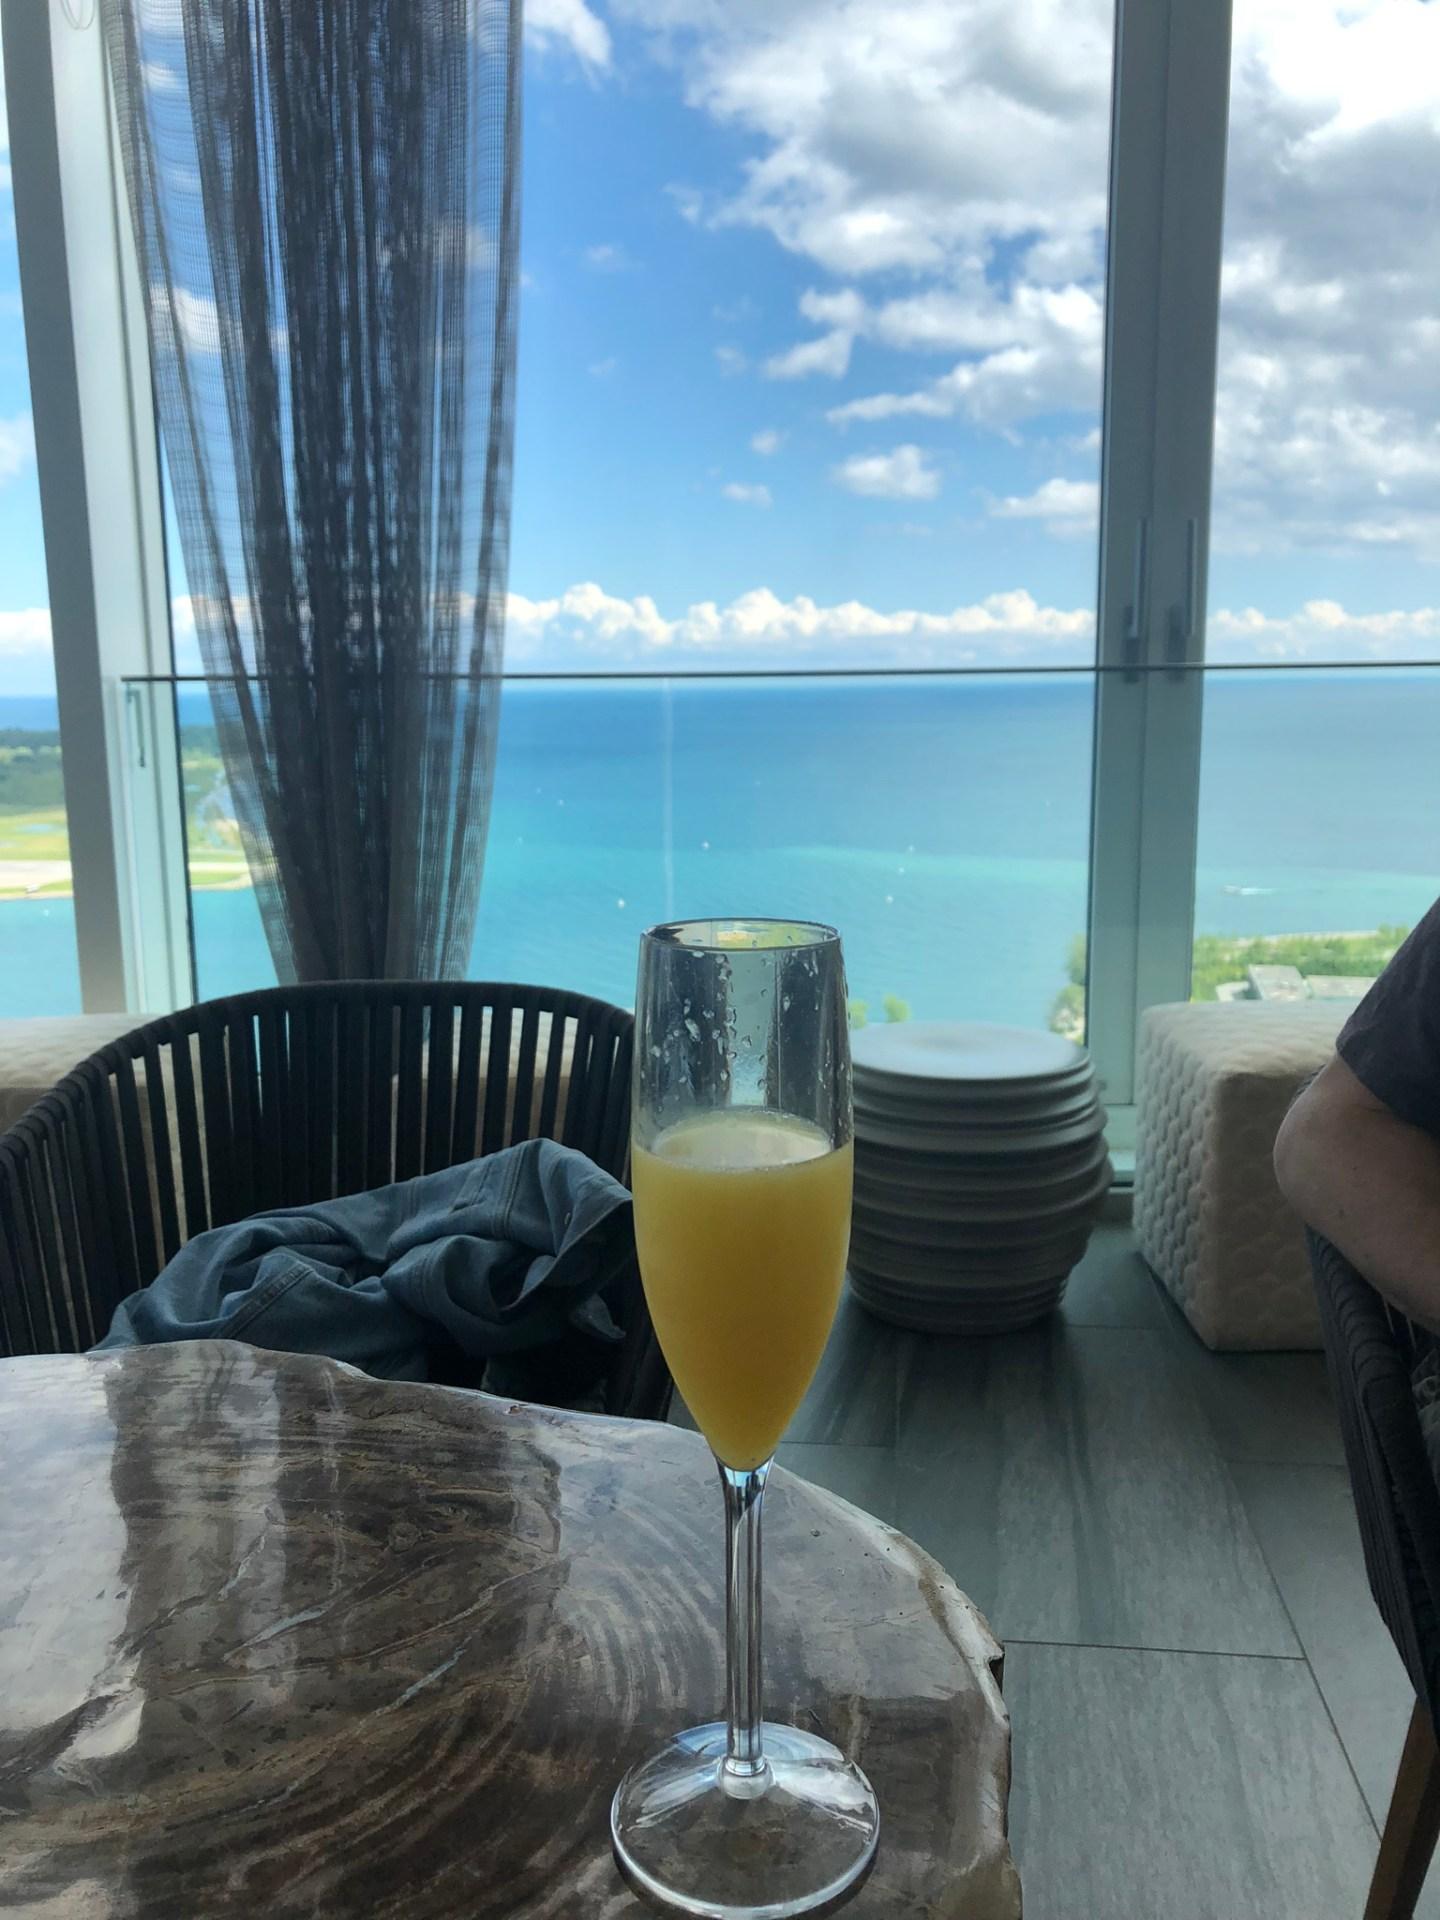 Summer in Toronto: mimosa overlooking Lake Ontario